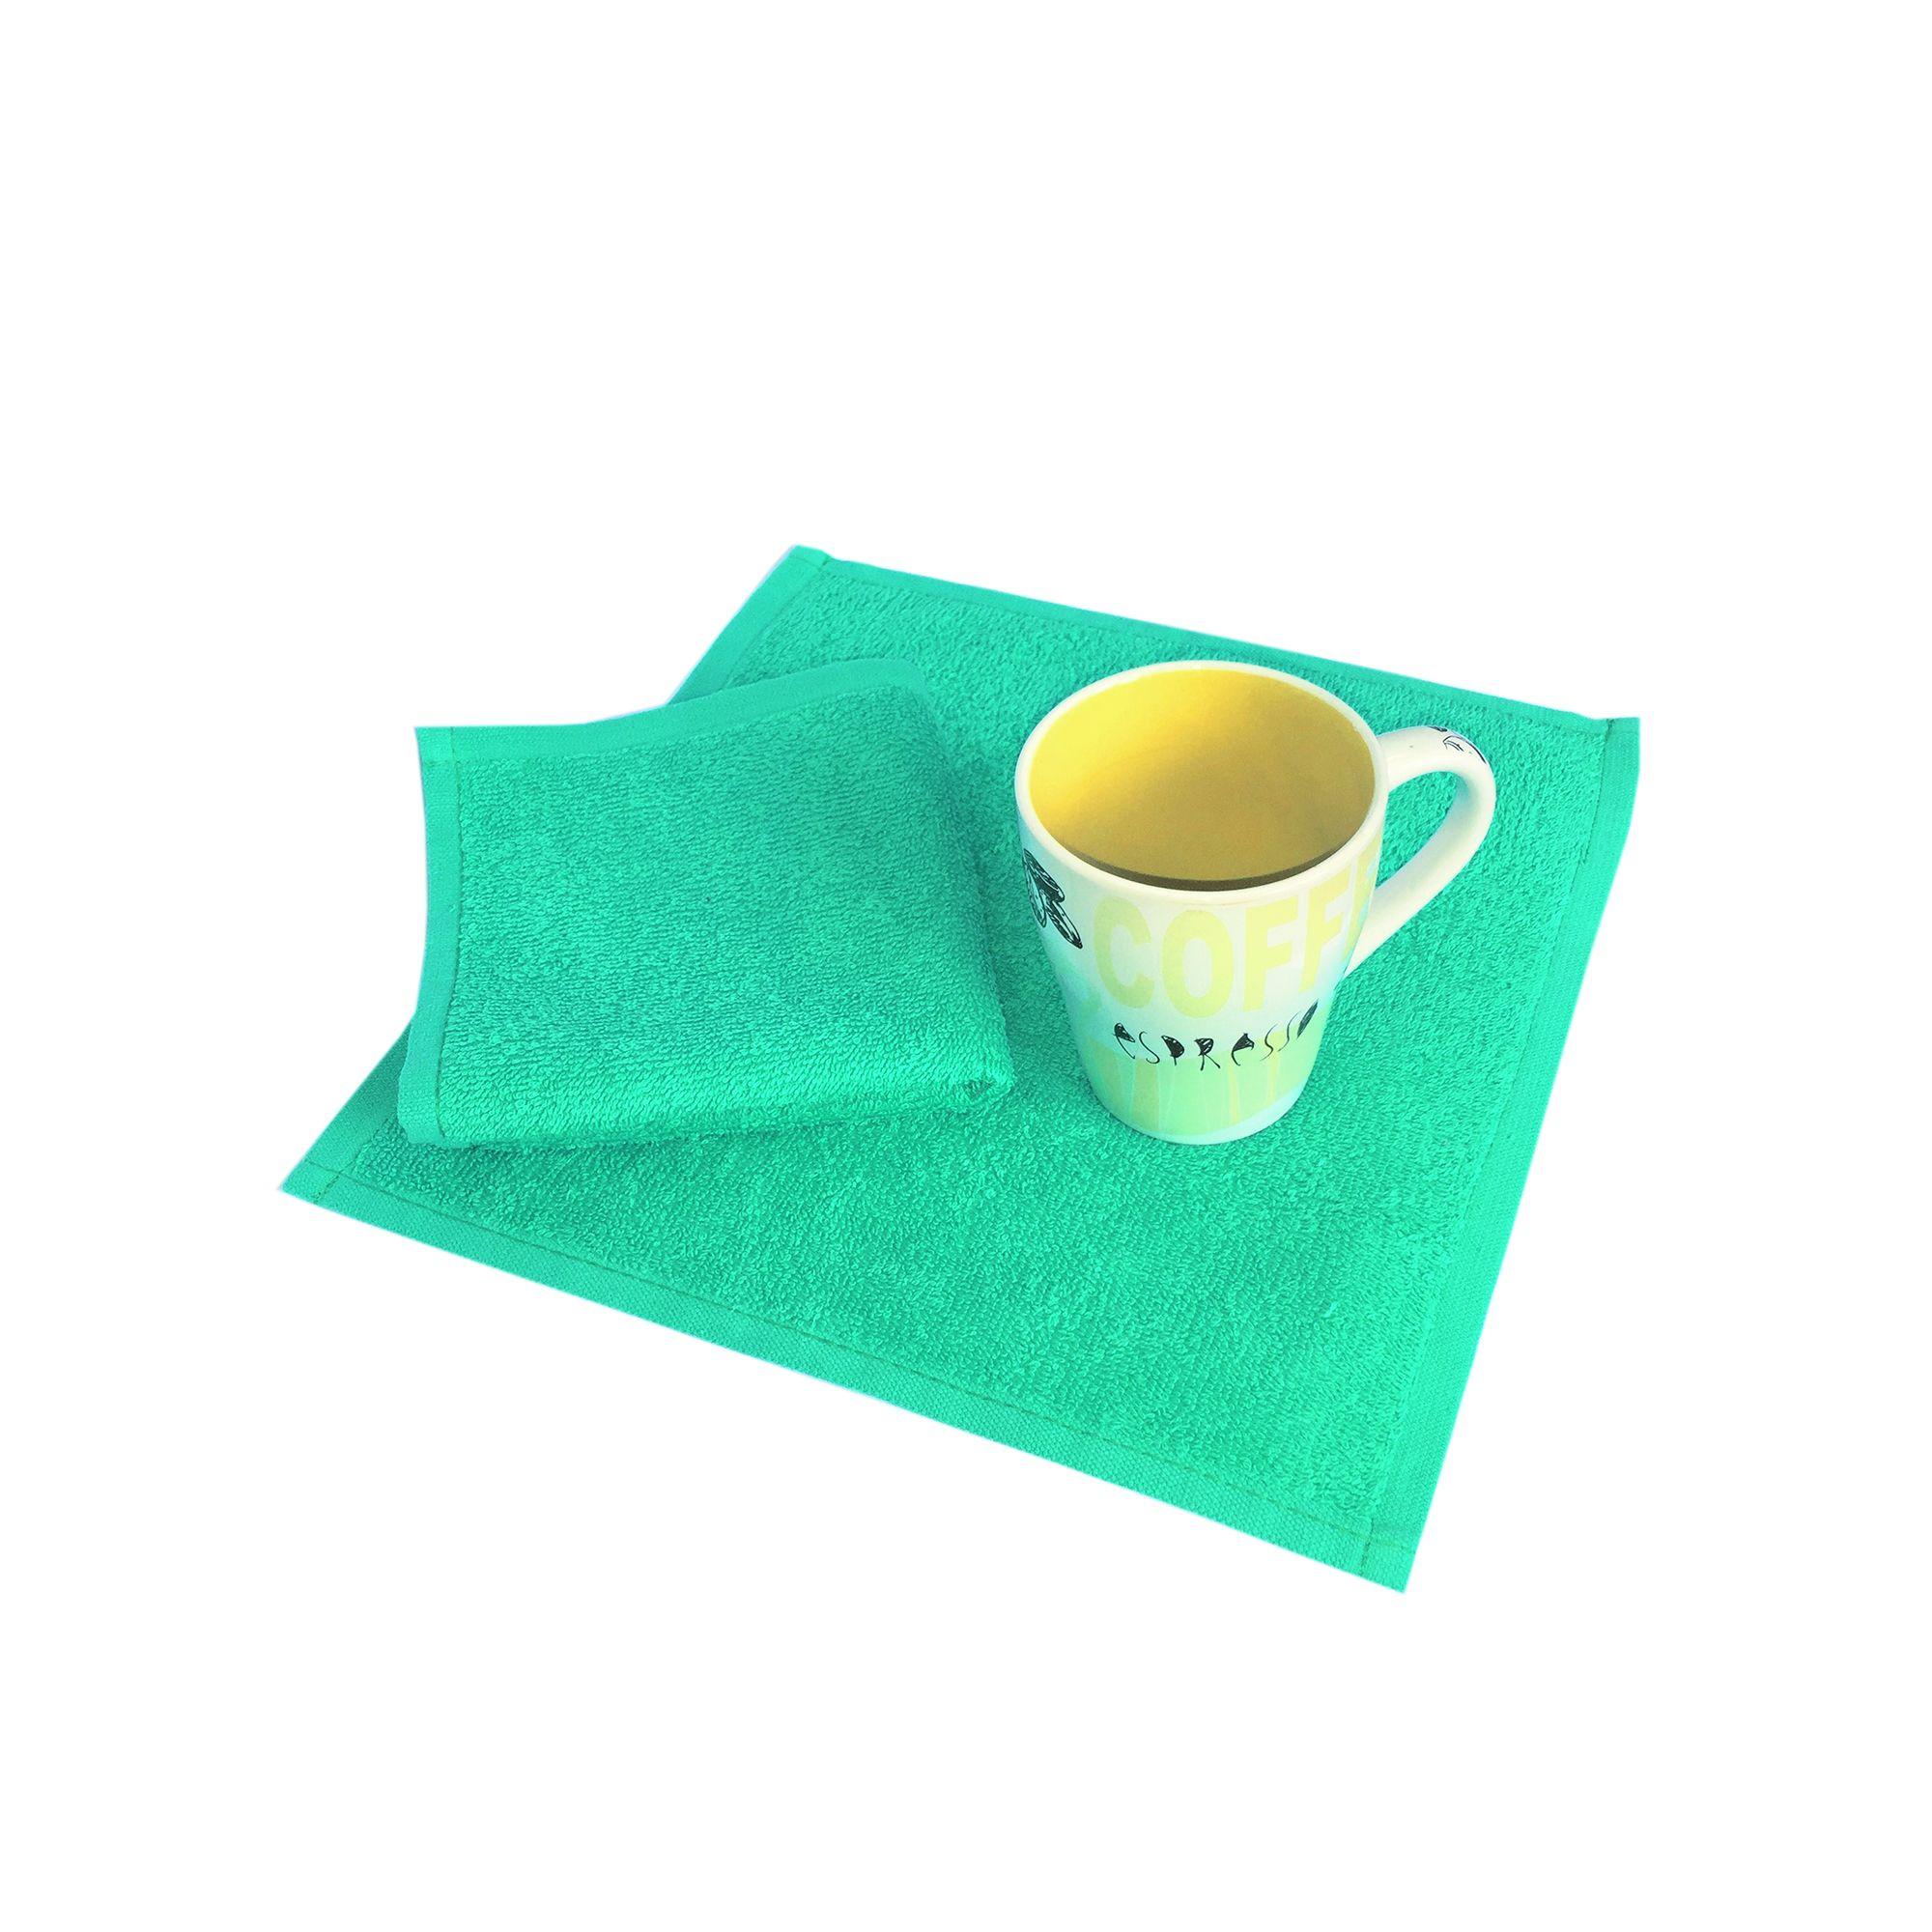 Салфетка махровая, 30*30см, 380 гр (Ярко-зеленый)